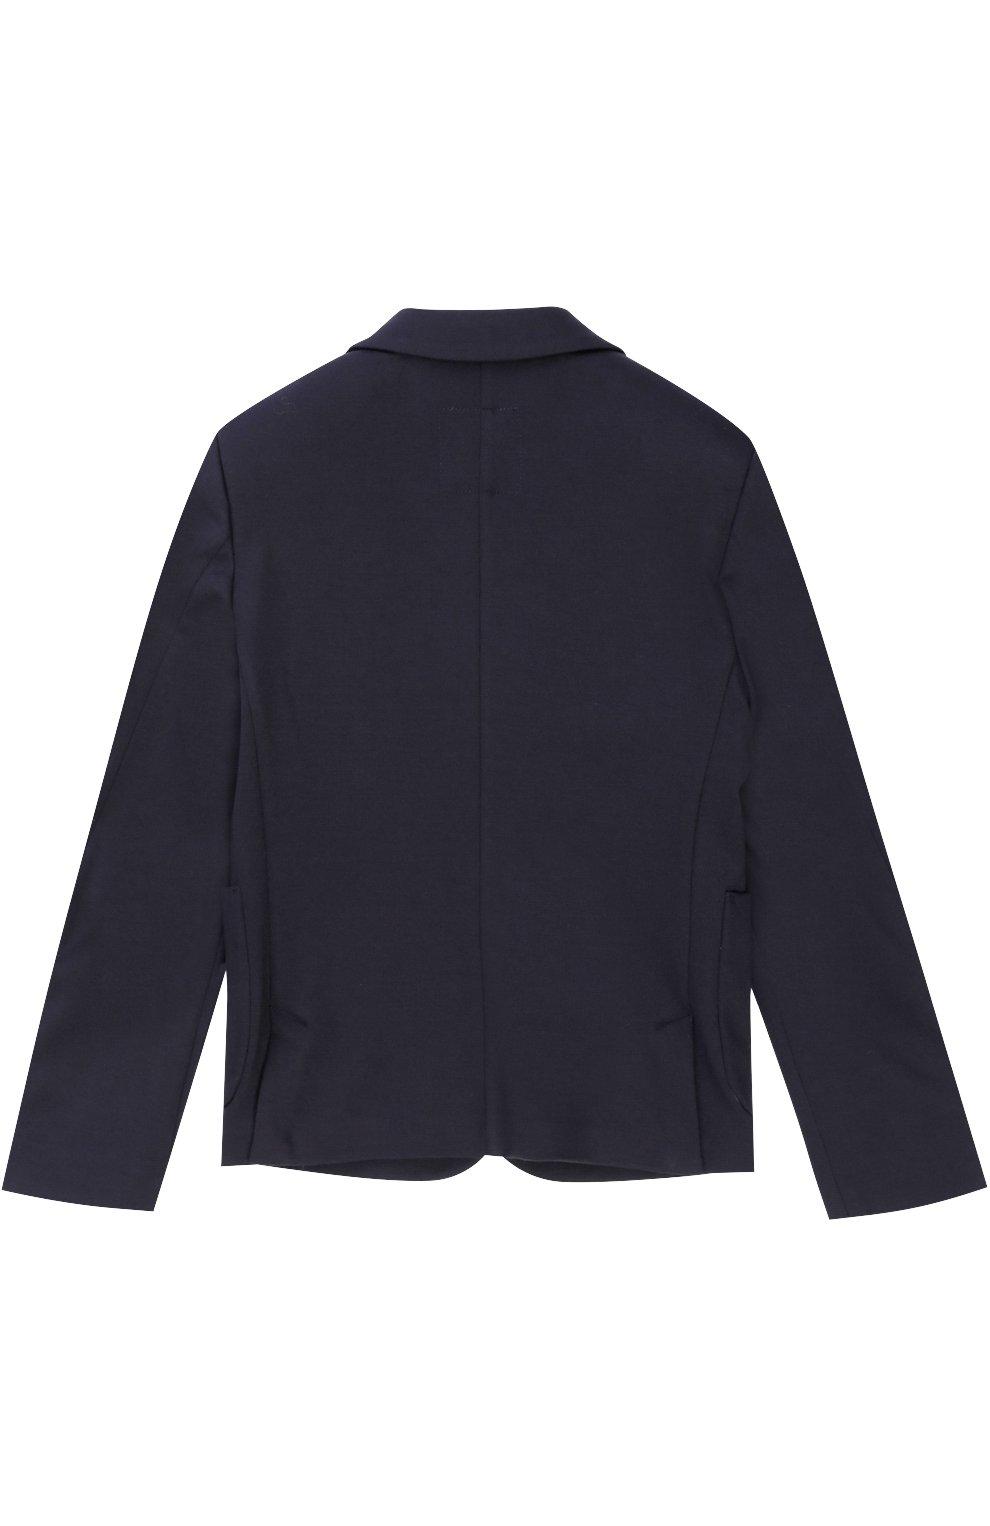 Пиджак джерси на двух пуговицах с декором | Фото №2